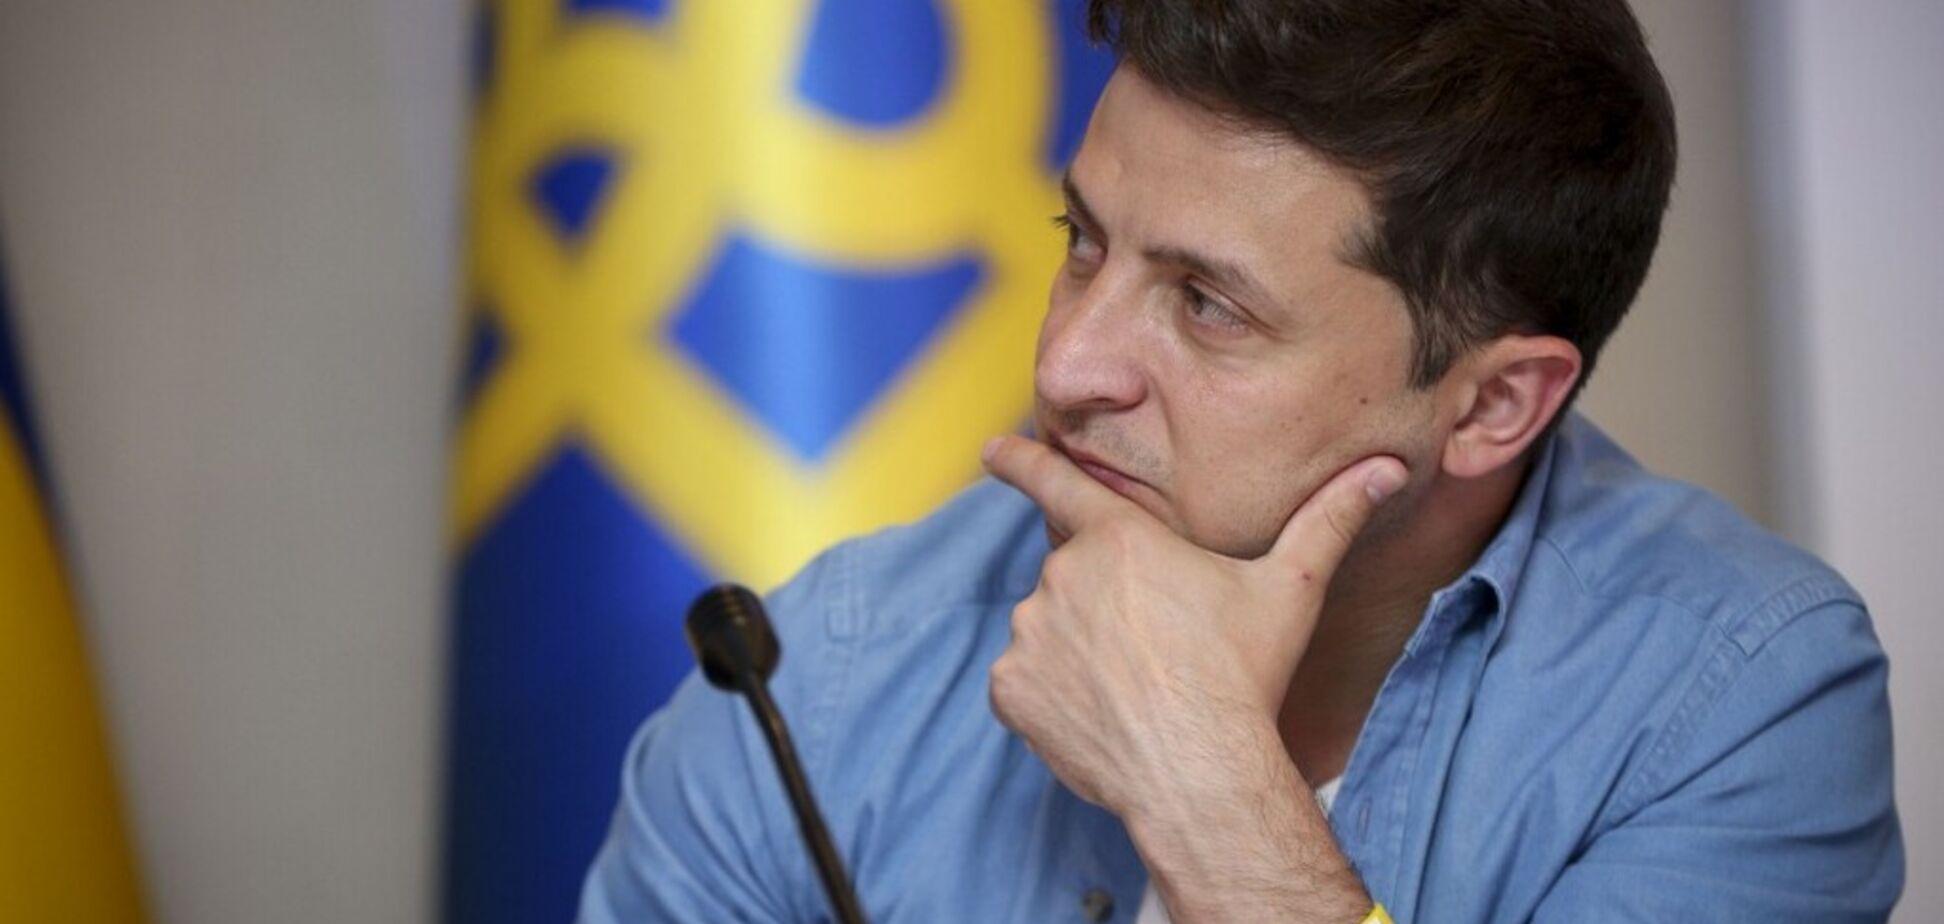 Зеленскому спрогнозировали обвал рейтинга: что его погубит